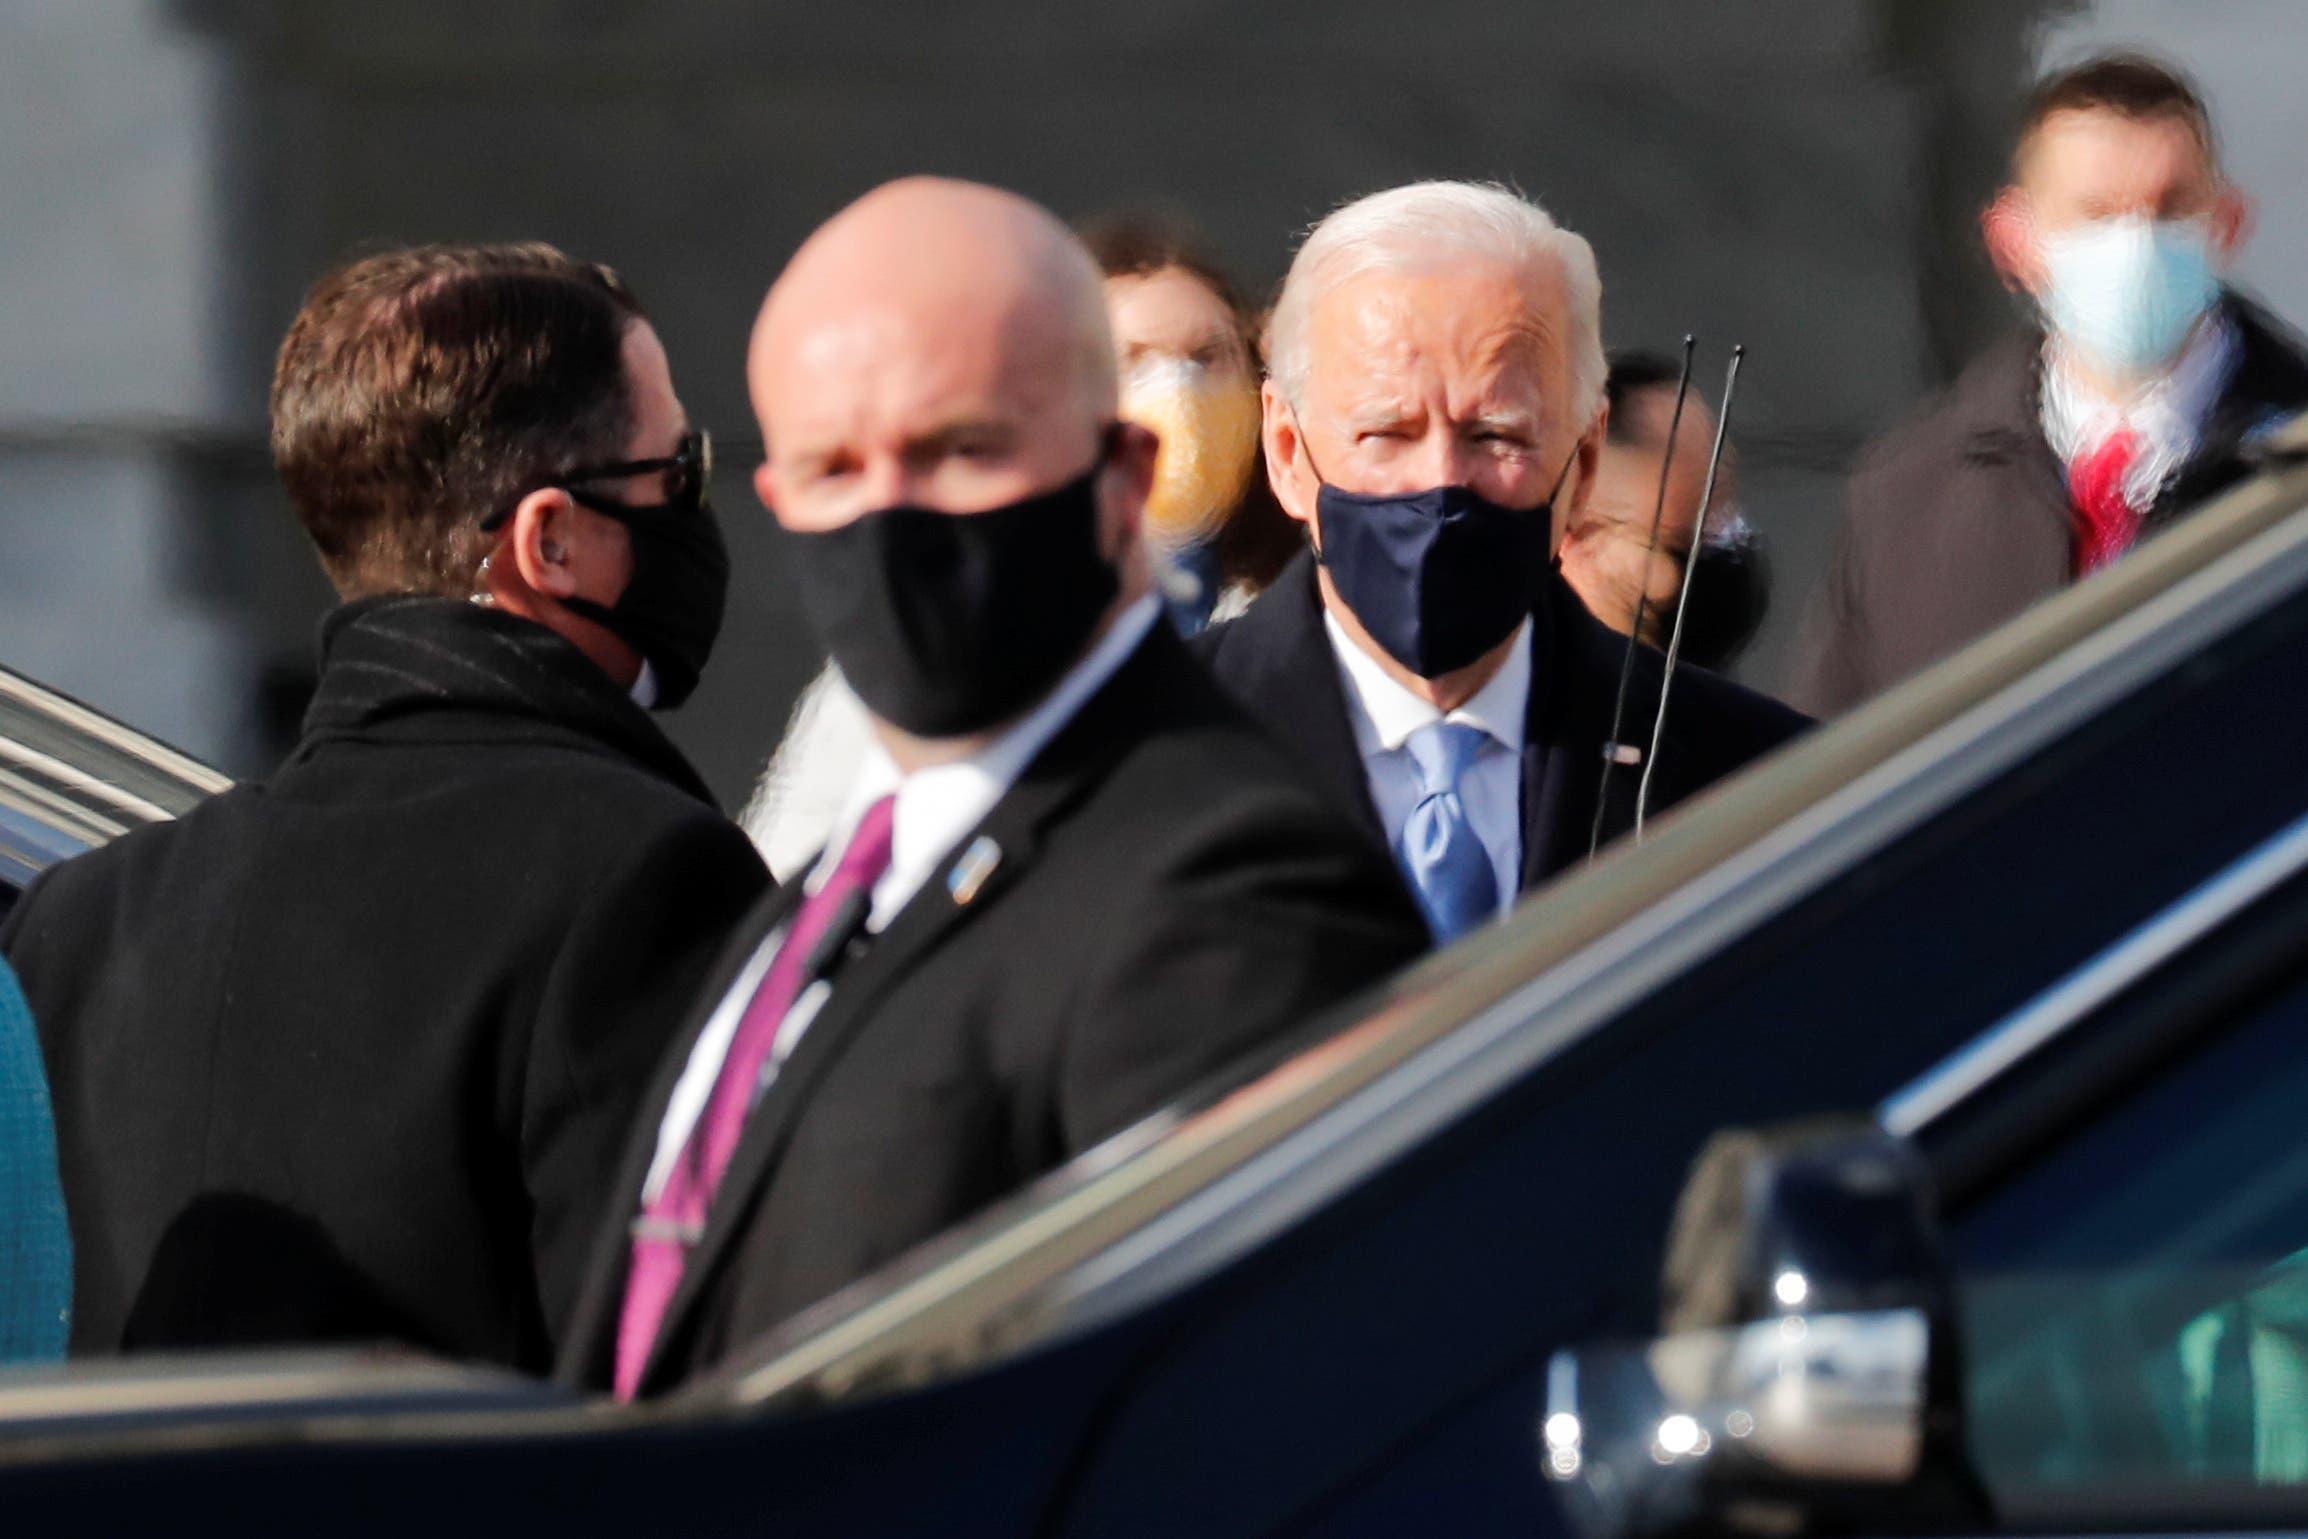 بايدن وهاريس يصلان مبنى الكابيتول ومراسم التنصيب تبدأ بعد قليل وتأهب أمني غير مسبوق في واشنطن